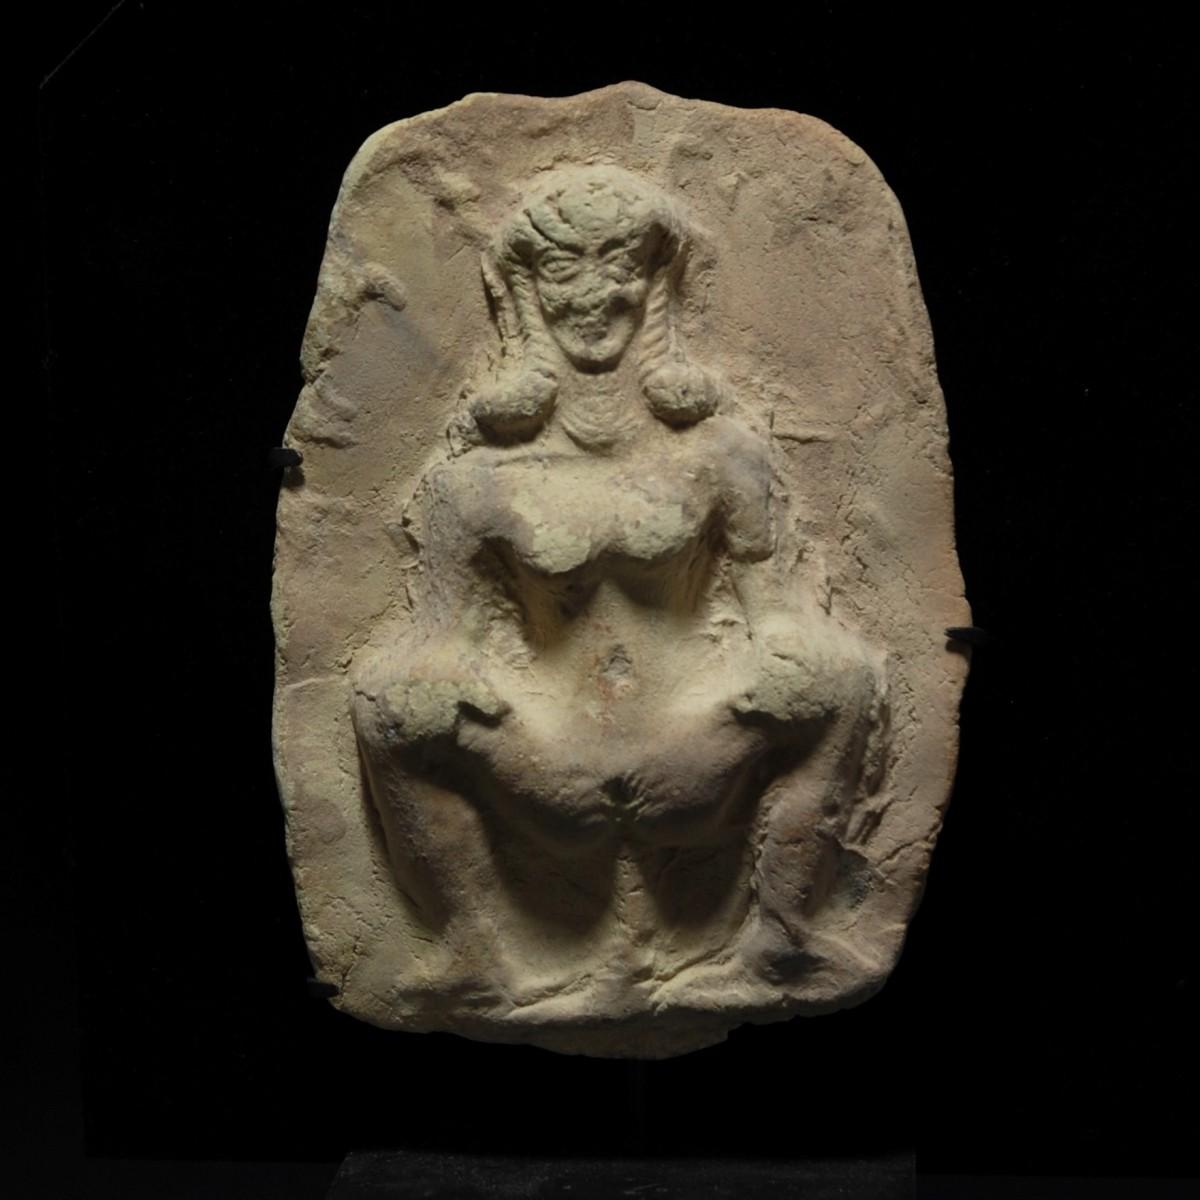 Sumerian terracotta plaque